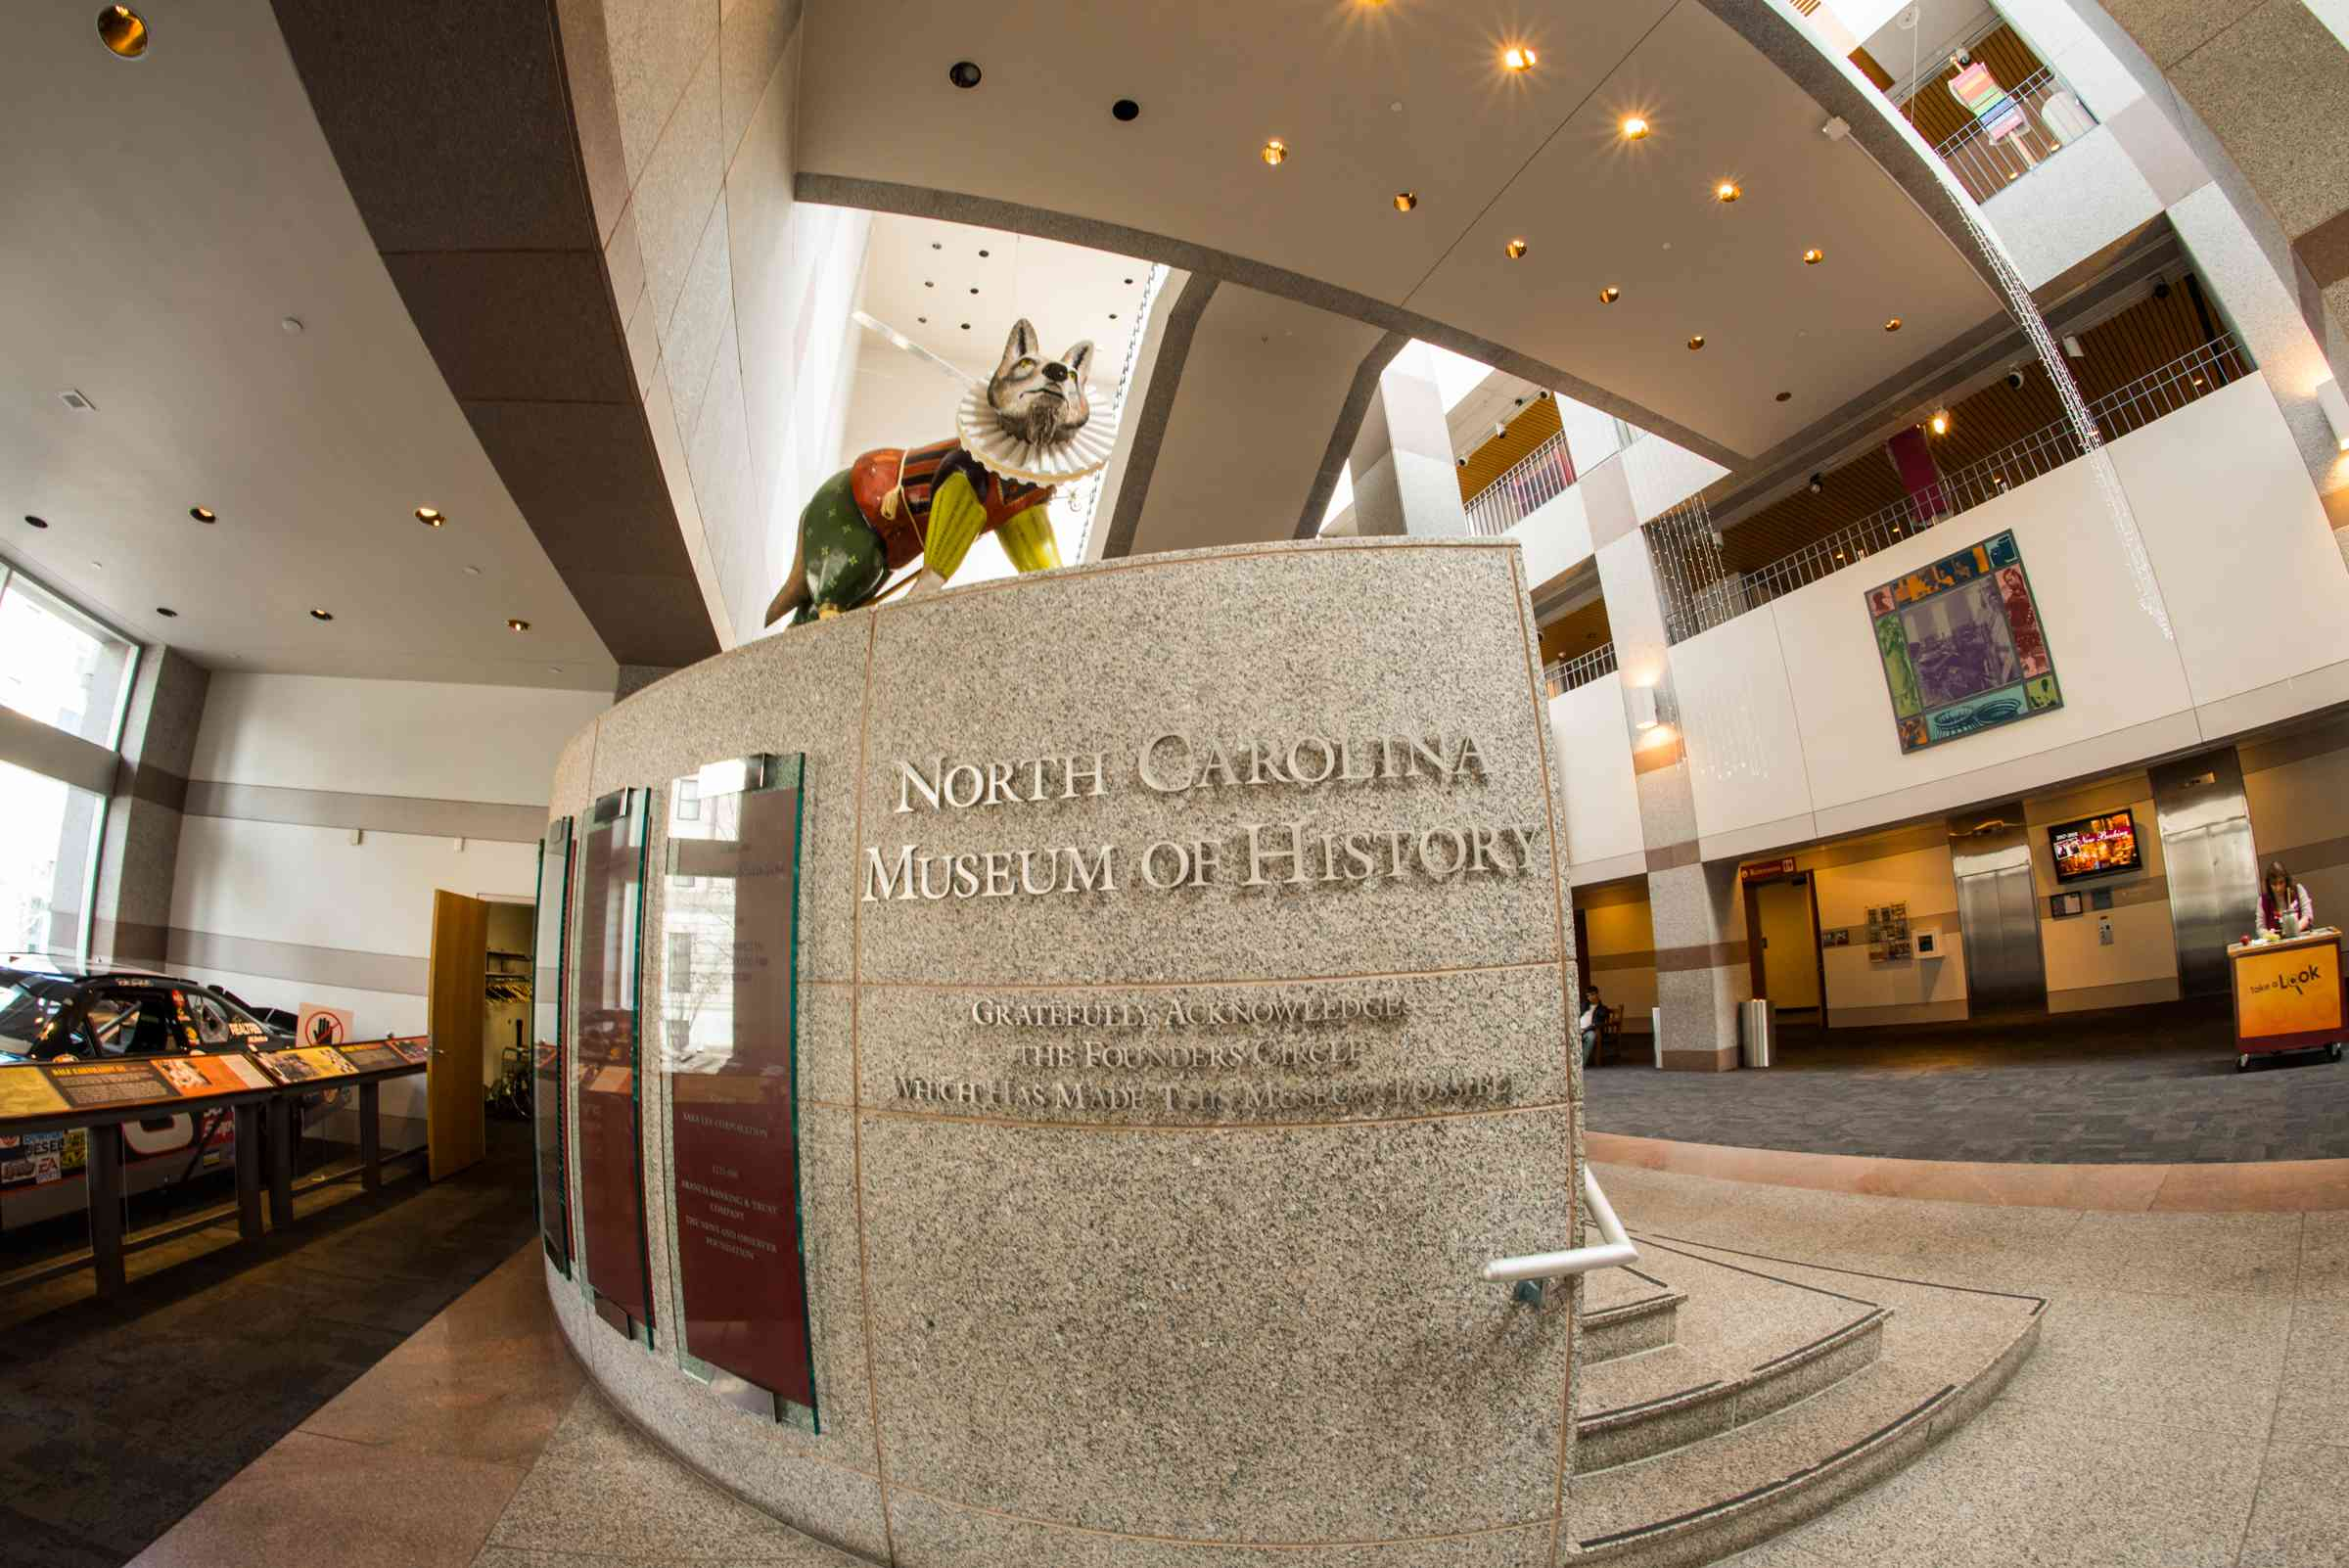 North Carolina Museum of History